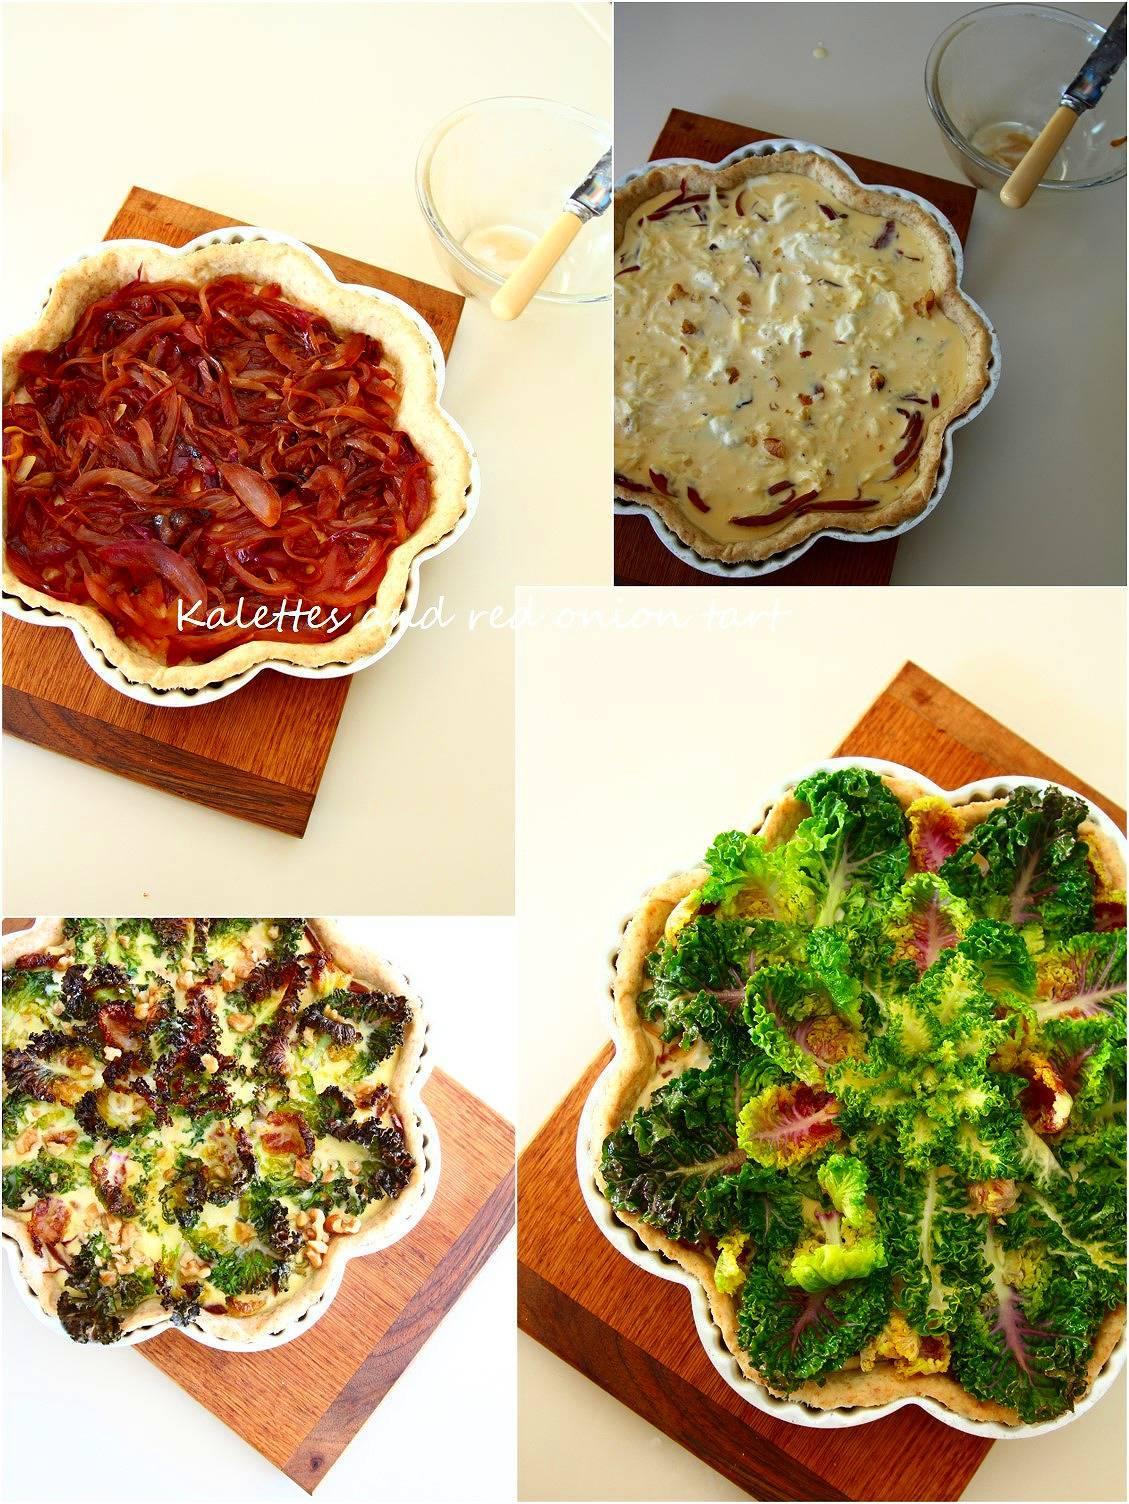 お野菜料理_a0107981_13183622.jpg